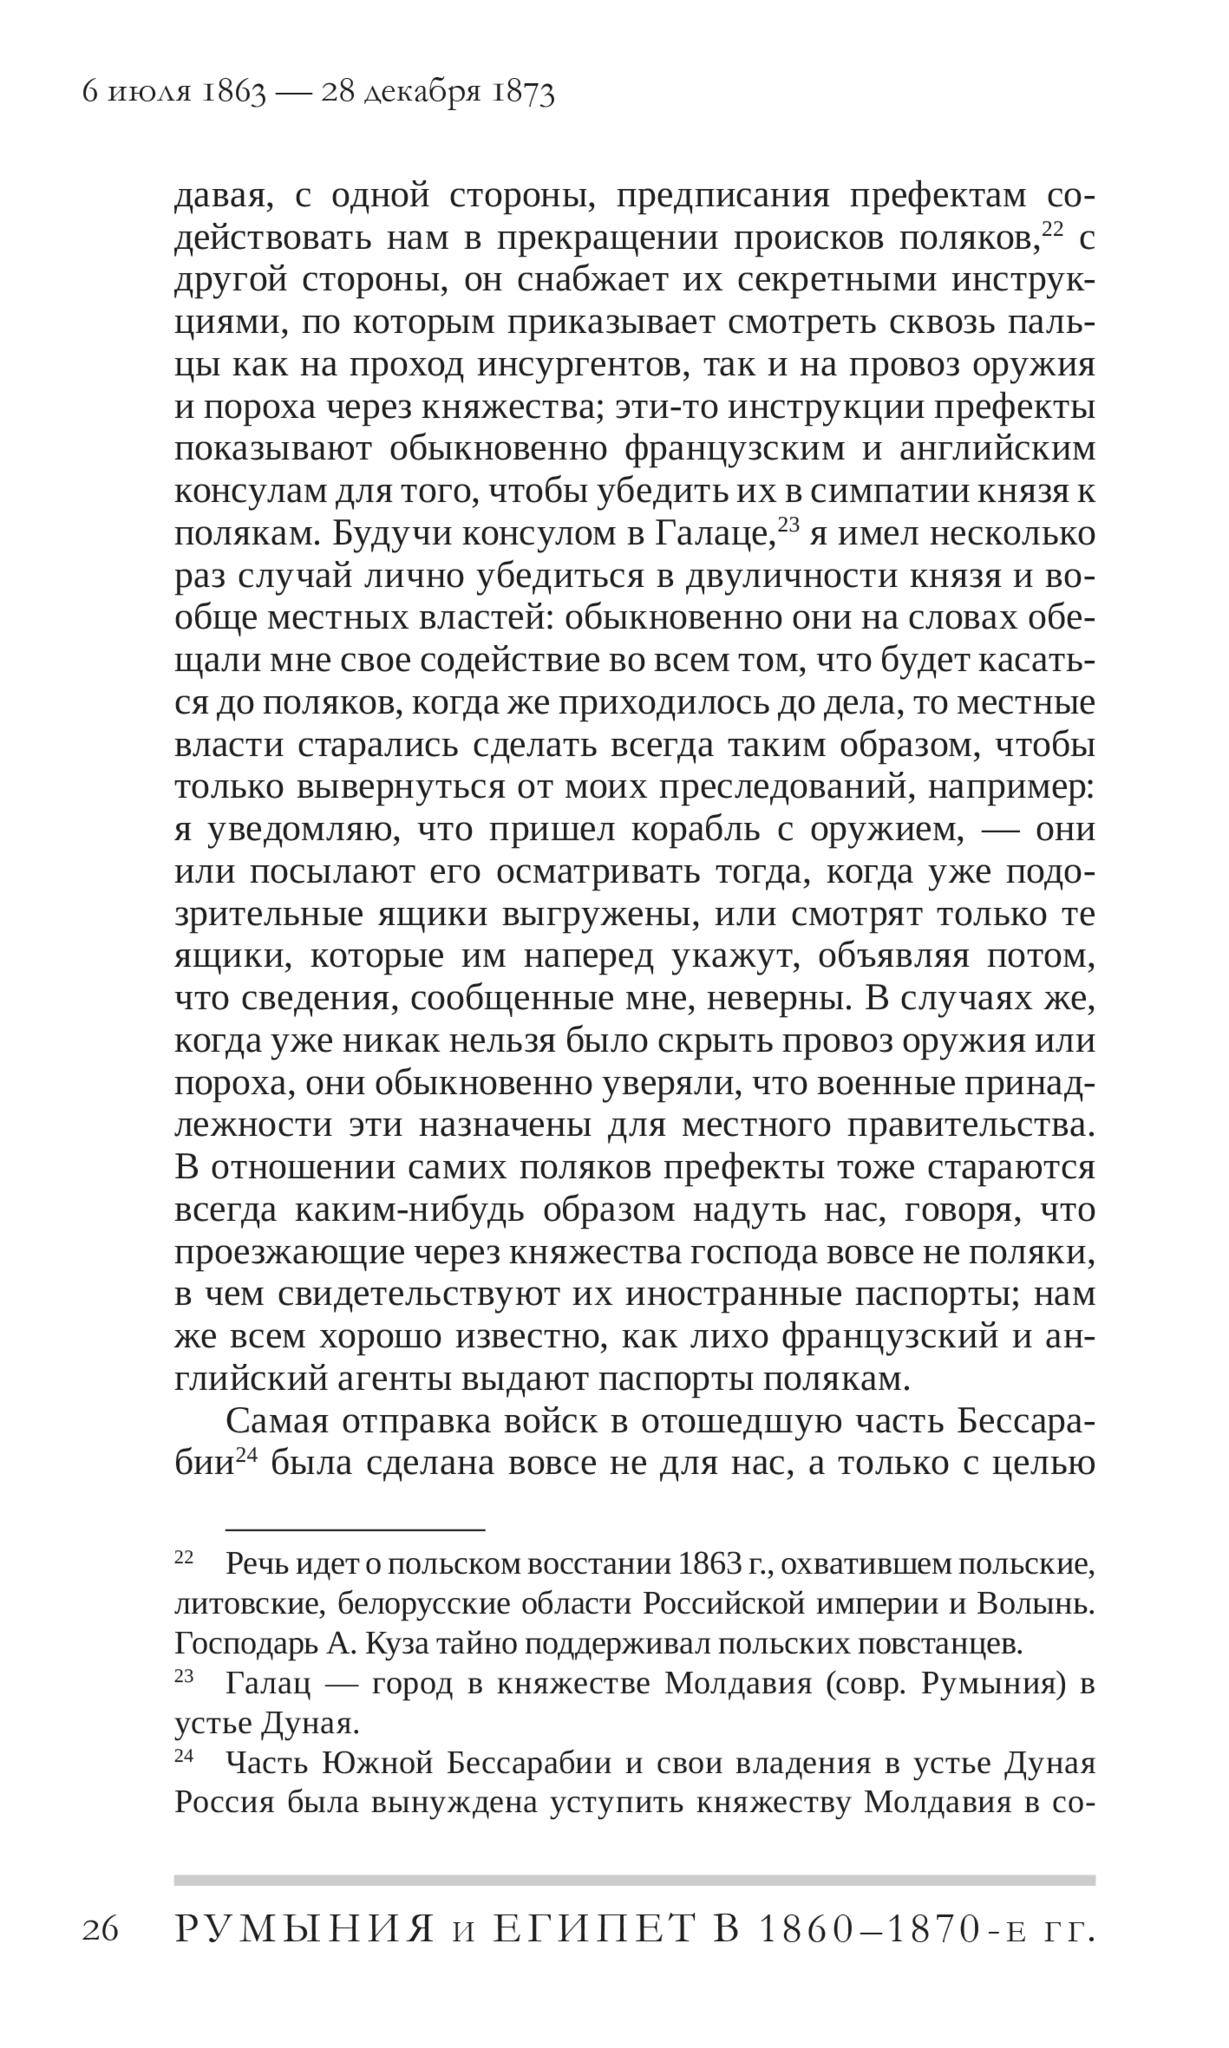 Румыния и Египет в 1860–1870-е гг. Письма российского дипломата И. М. Лекса к Н. П. Игнатьеву.Копировать товар с. 28